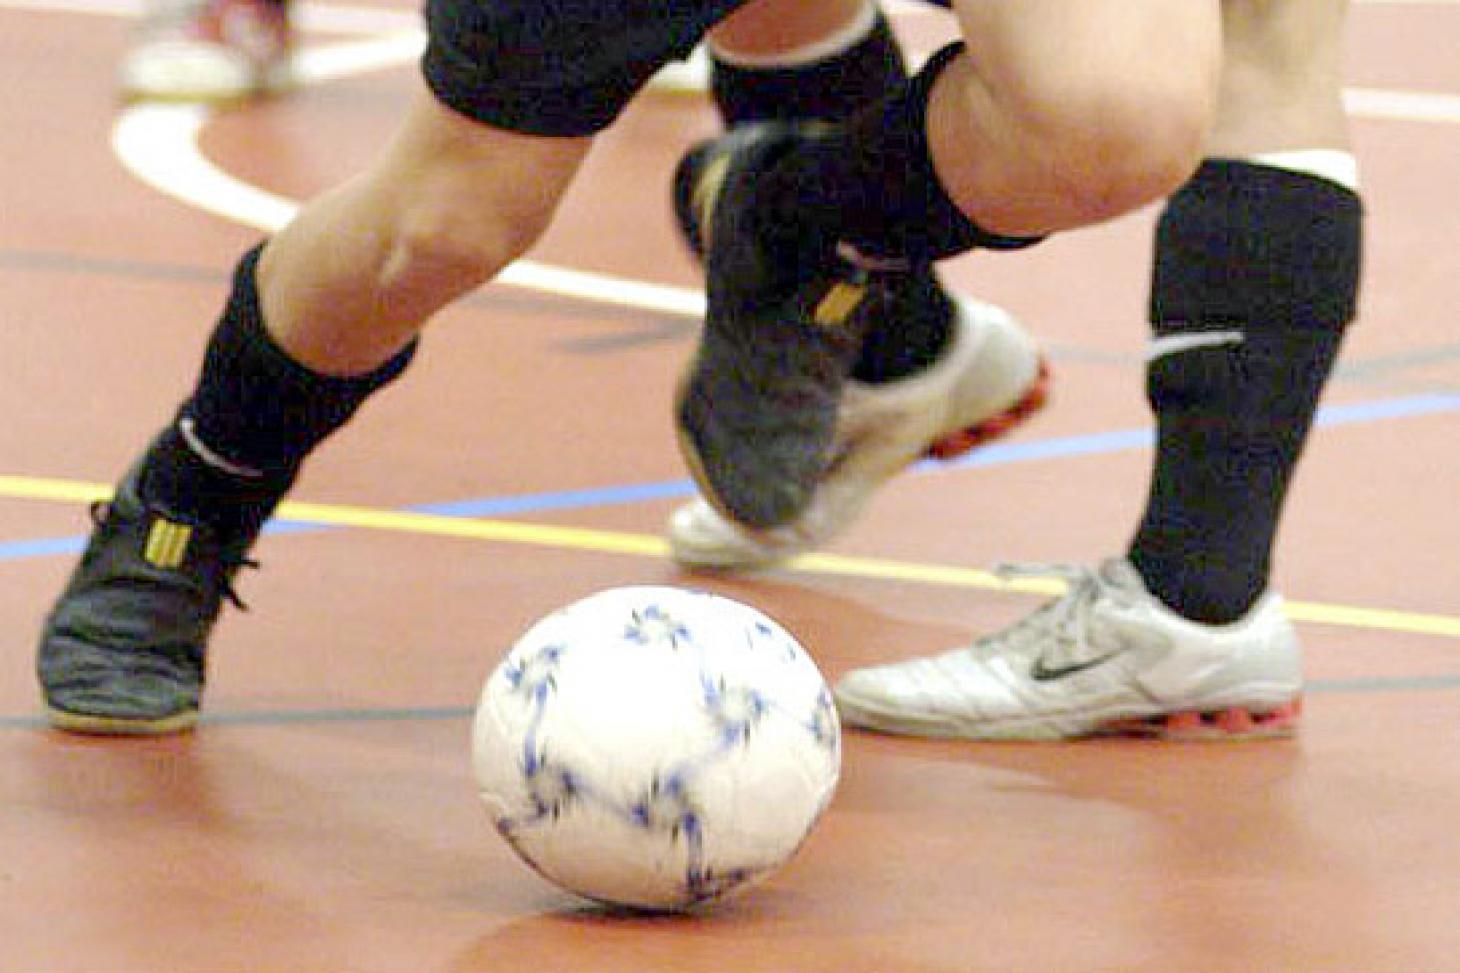 Terenure College Indoor netball court